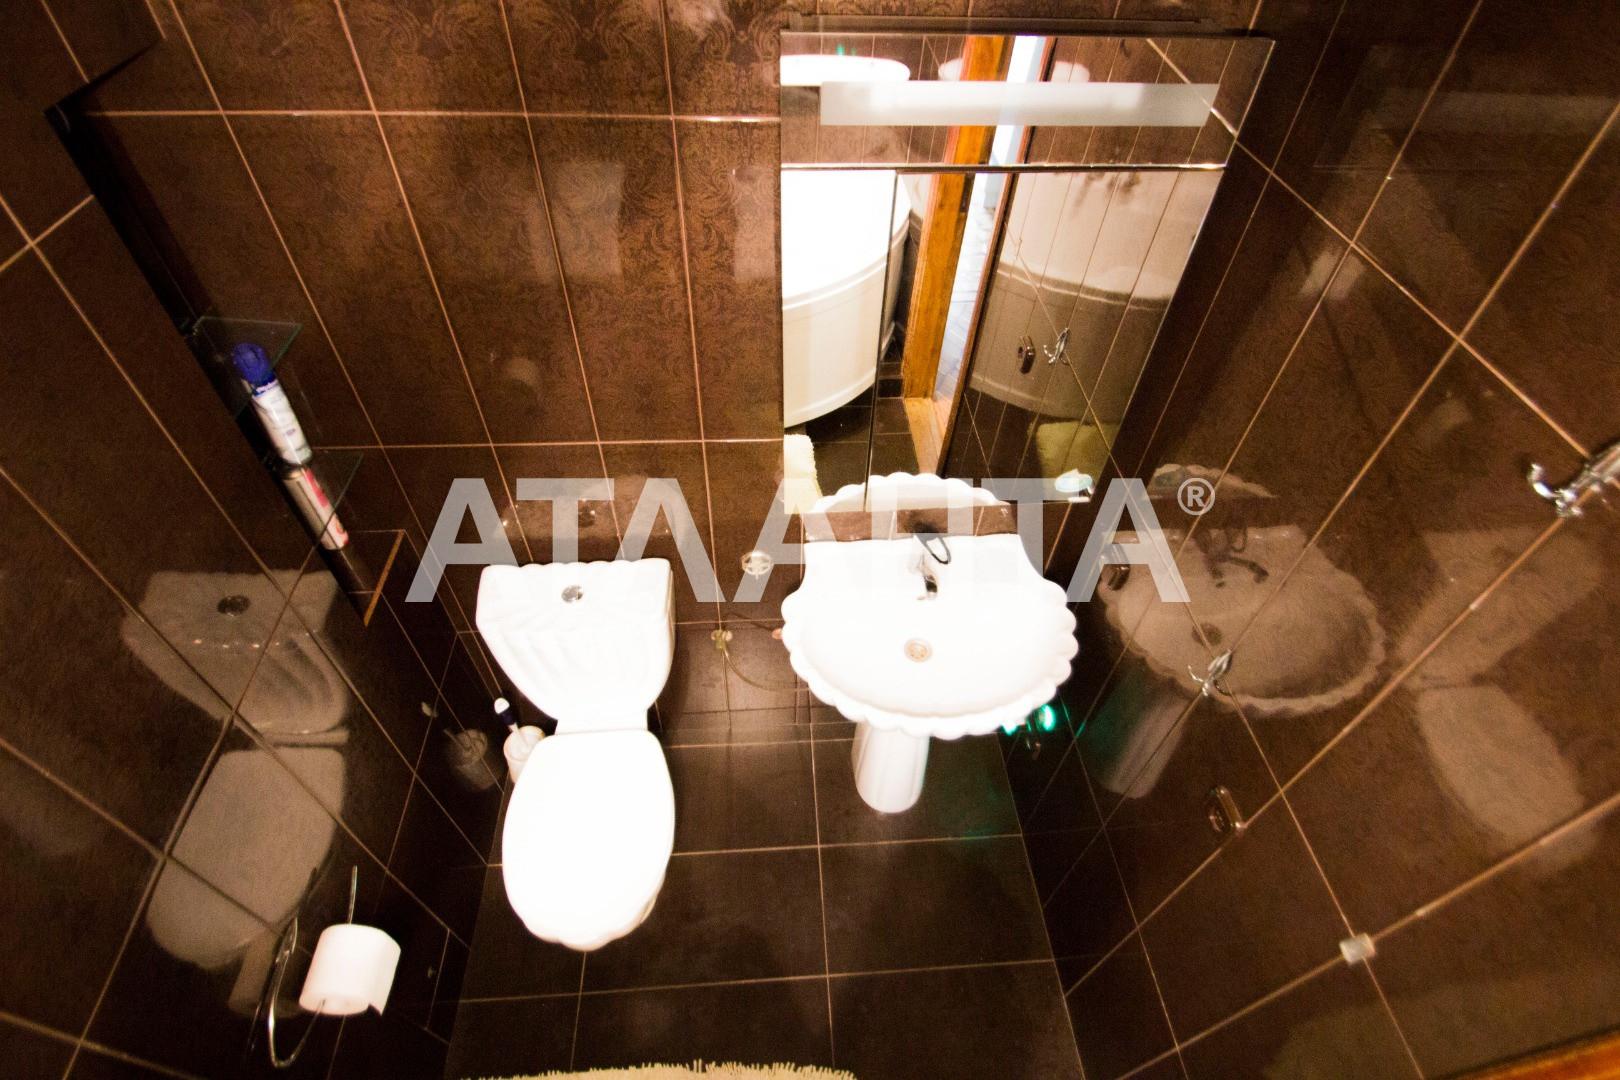 Продается 3-комнатная Квартира на ул. Центральный Аэропорт — 75 000 у.е. (фото №11)